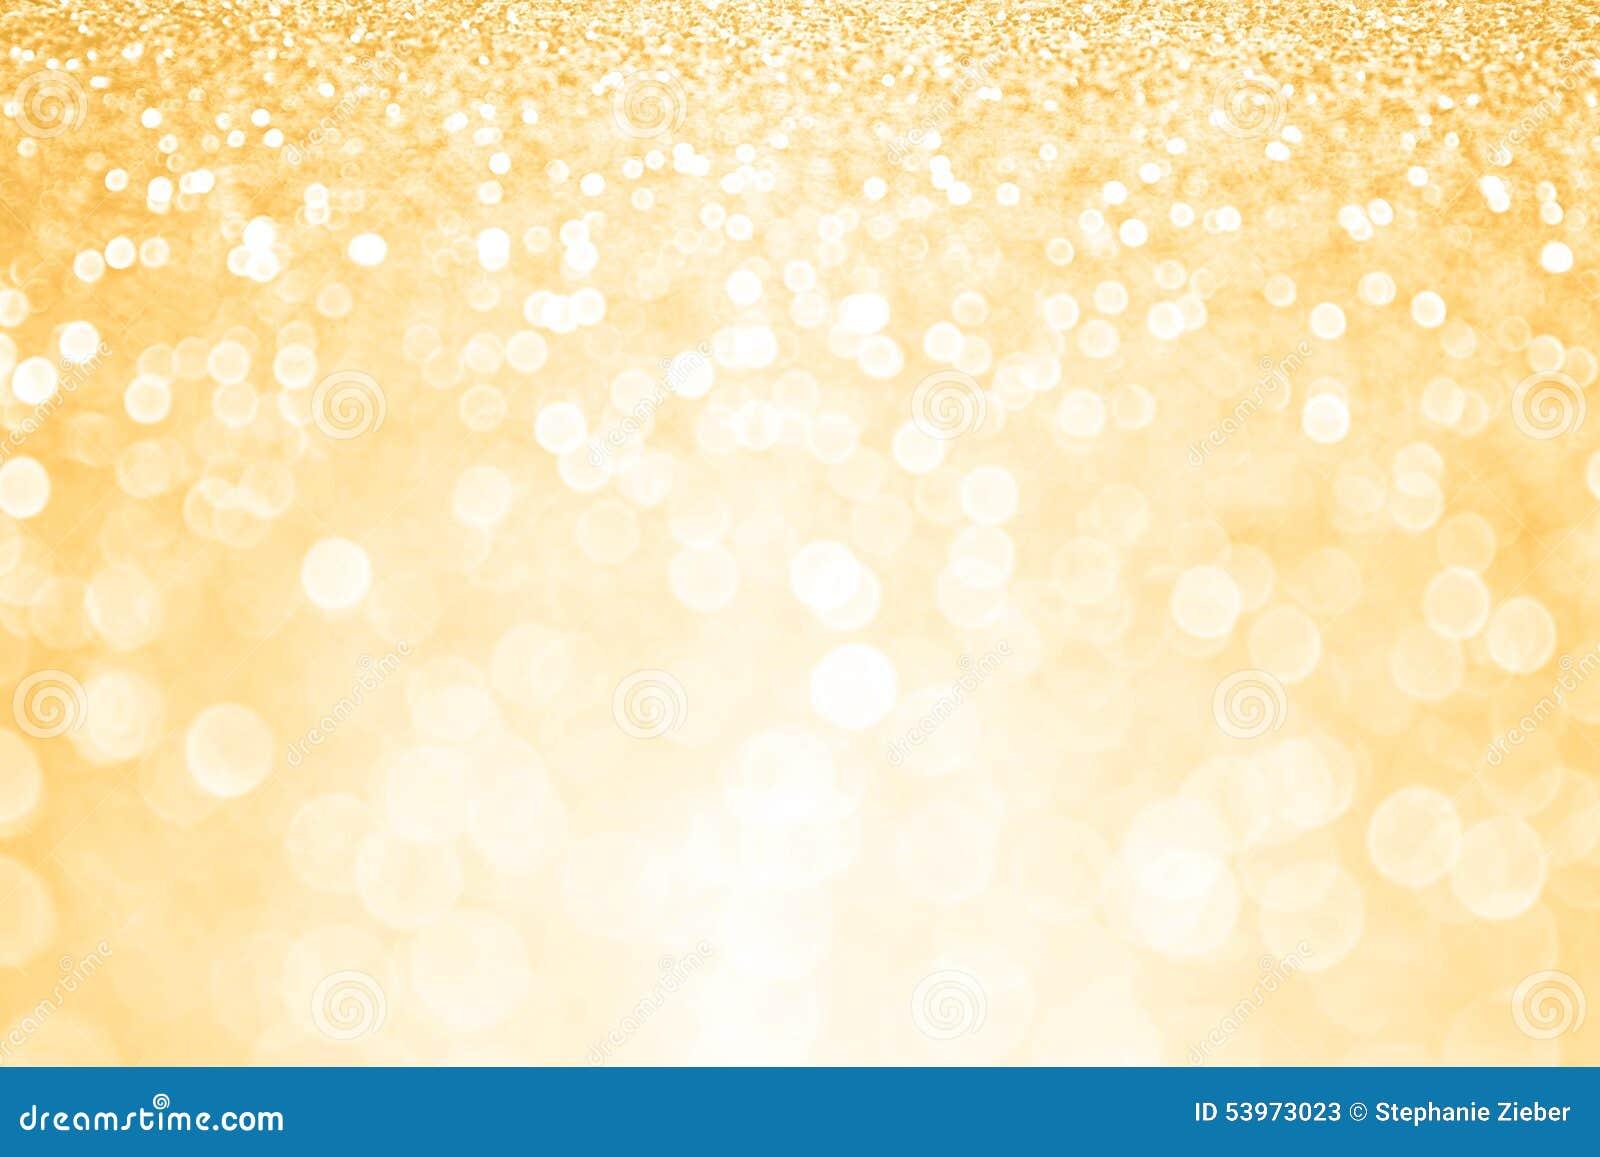 金黄生日聚会背景